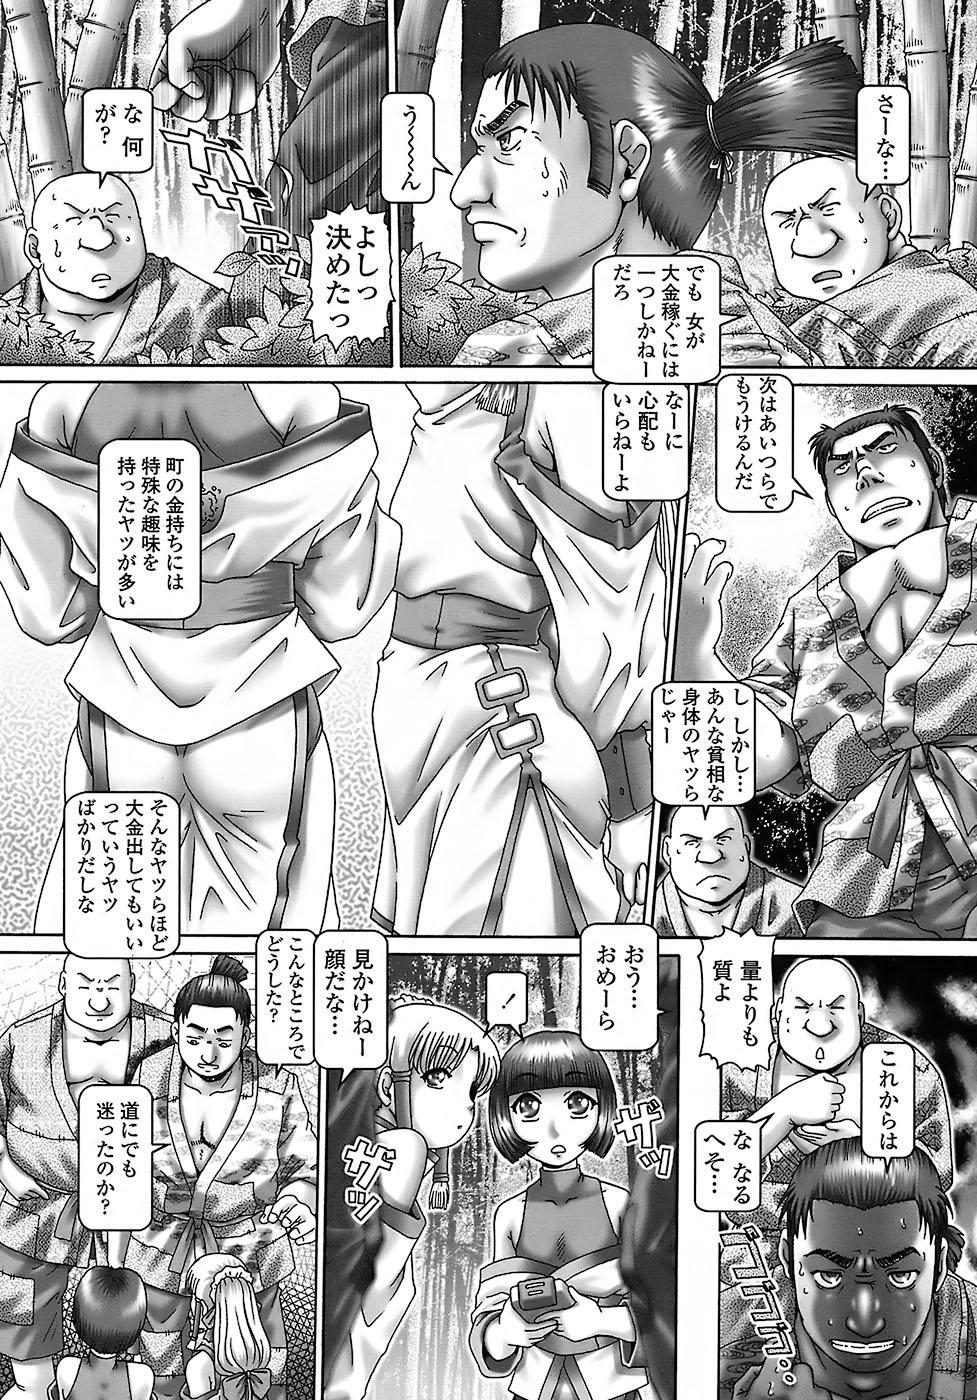 Tenshi no Shizuku 168